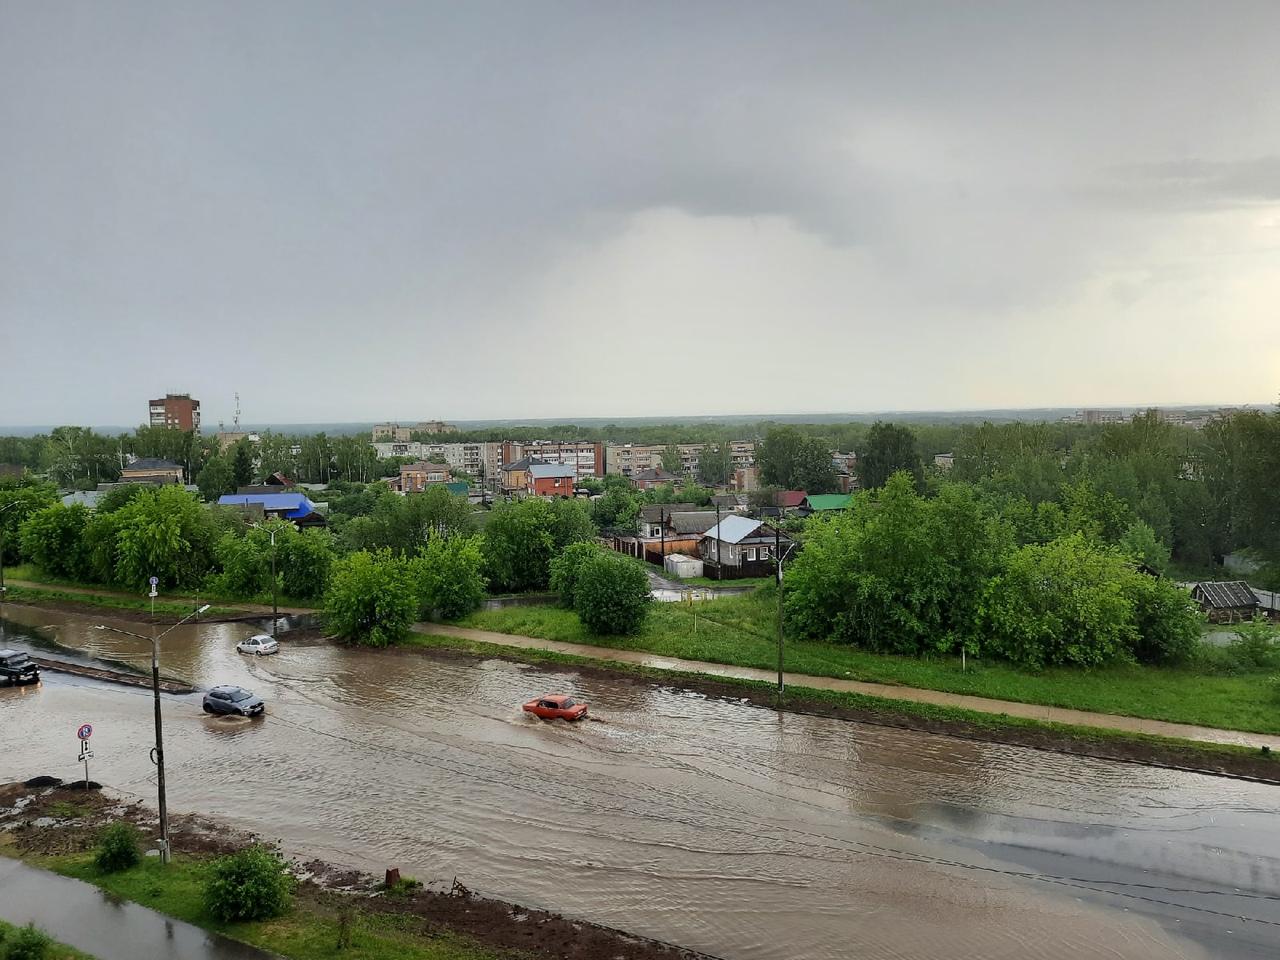 Машины теряют бамперы и номера: после грозы в Кирово-Чепецке затопило несколько улиц